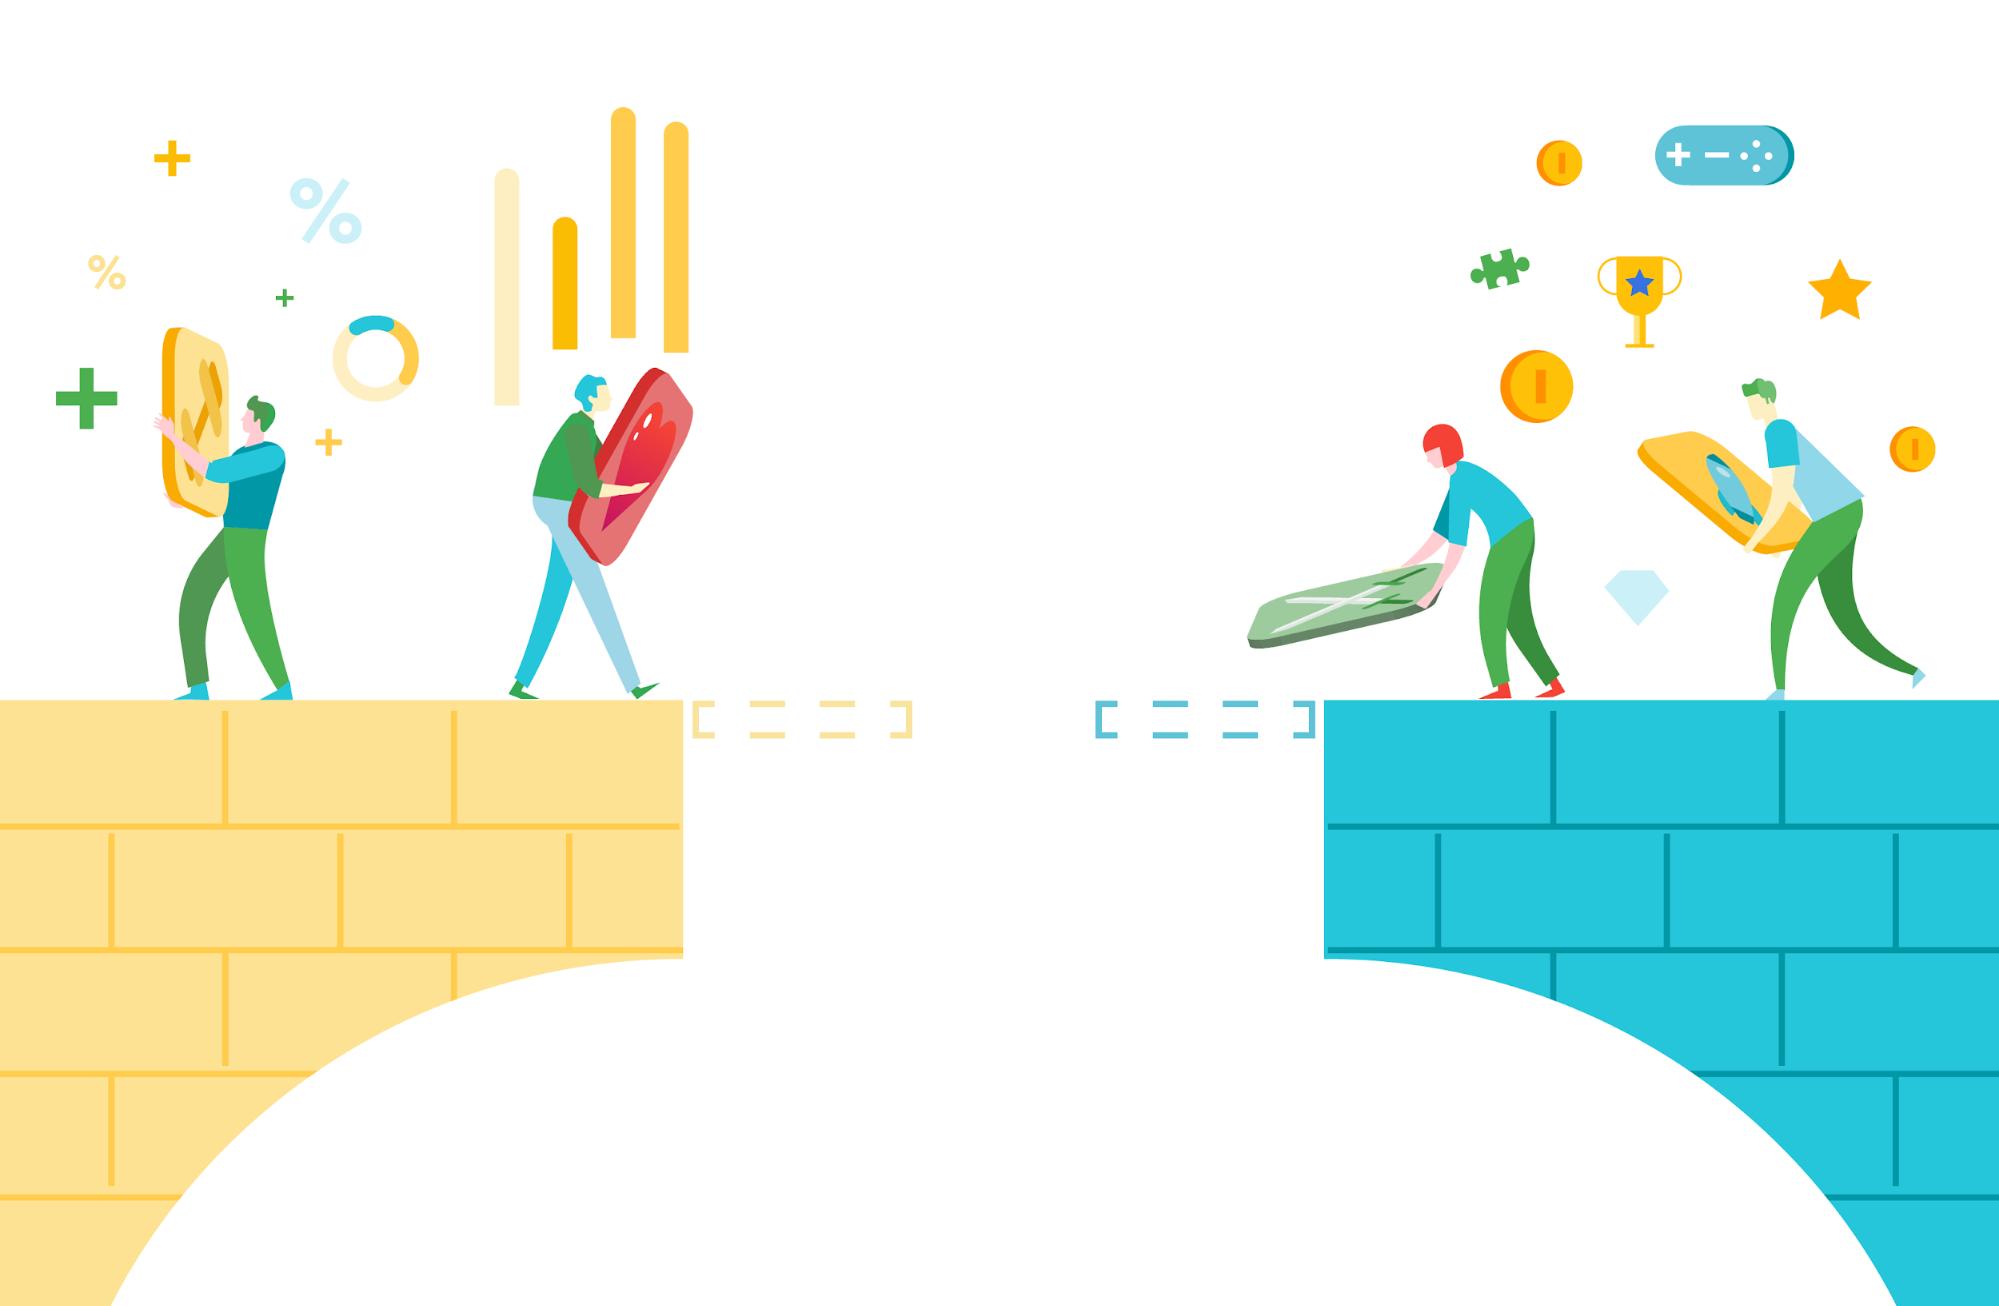 Как связать вовлечение с монетизацией в мобильных играх и приложениях - 1